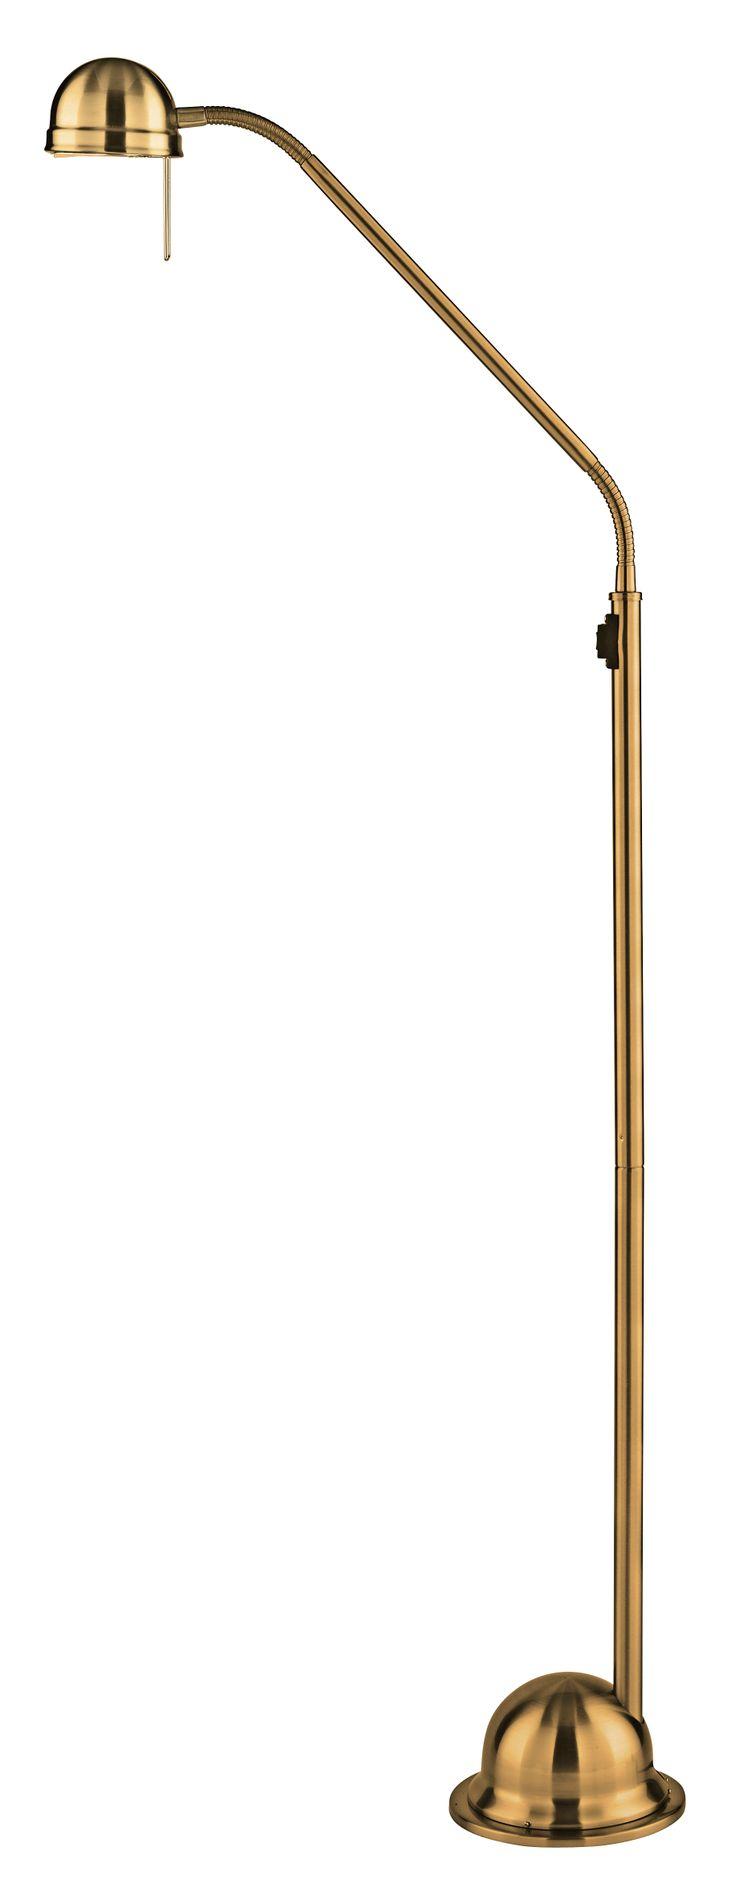 Rove Floor Lamp in Antique Brass